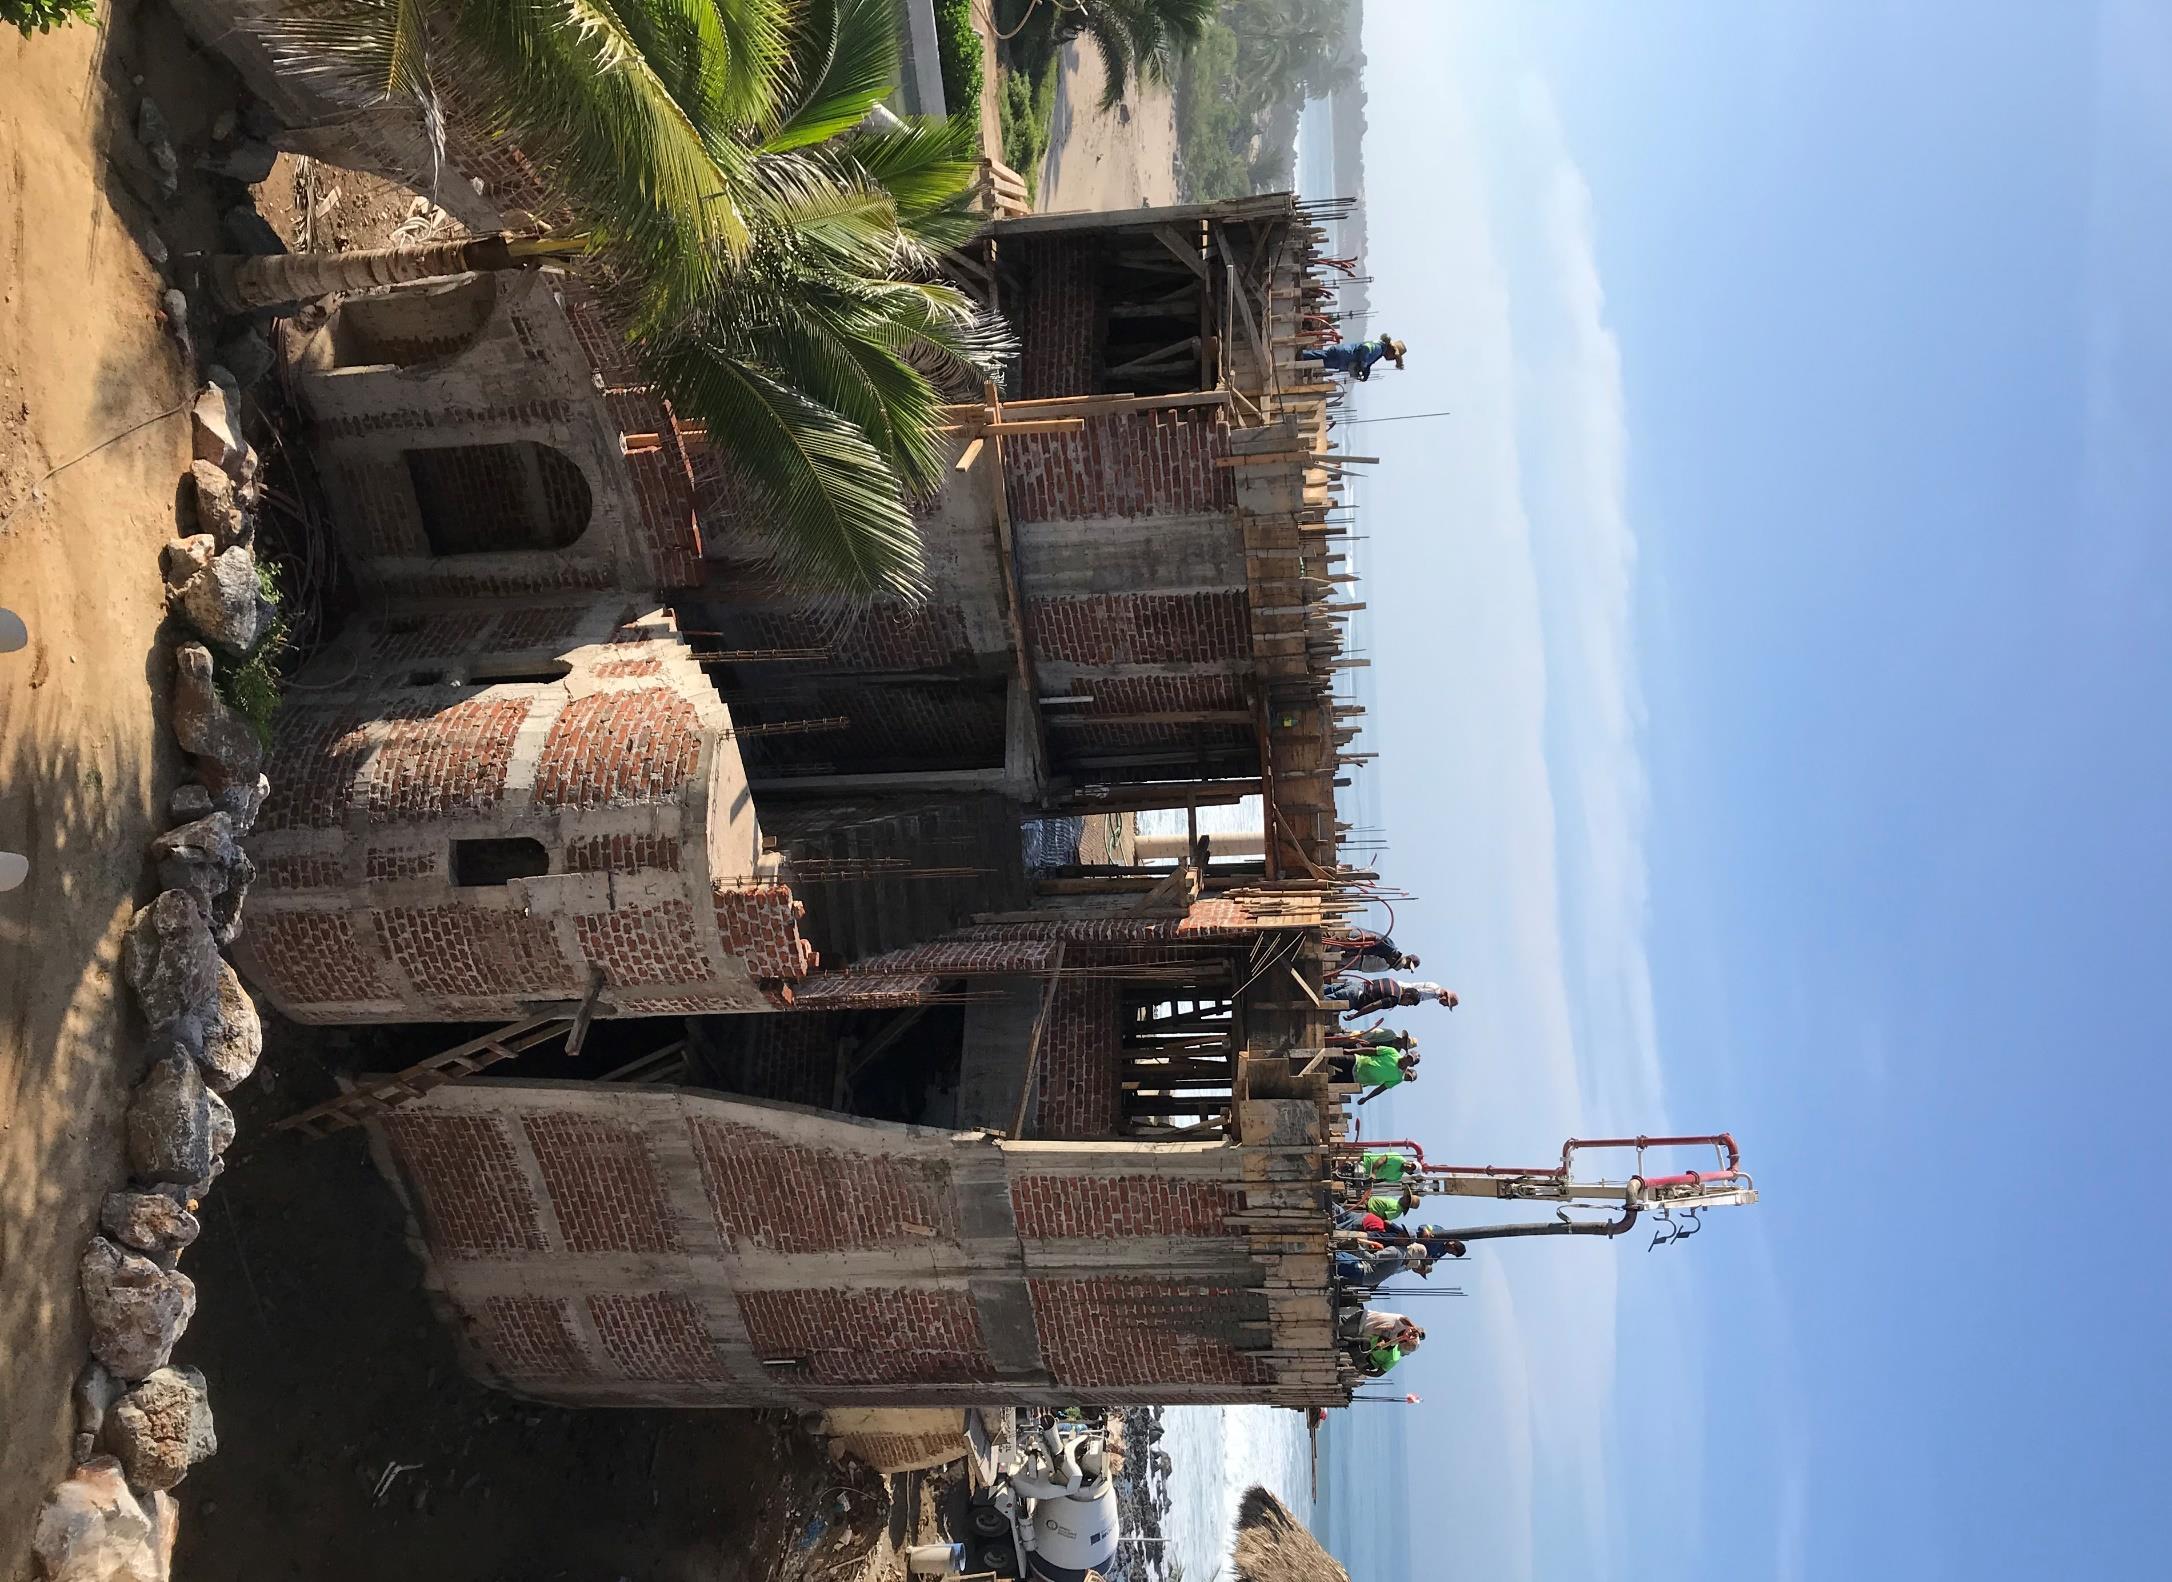 REPORTE-FOTOGRAFICO-PUNTA-MAJAHUA-07-DE-OCTUBRE-DEL-2018-002.jpg